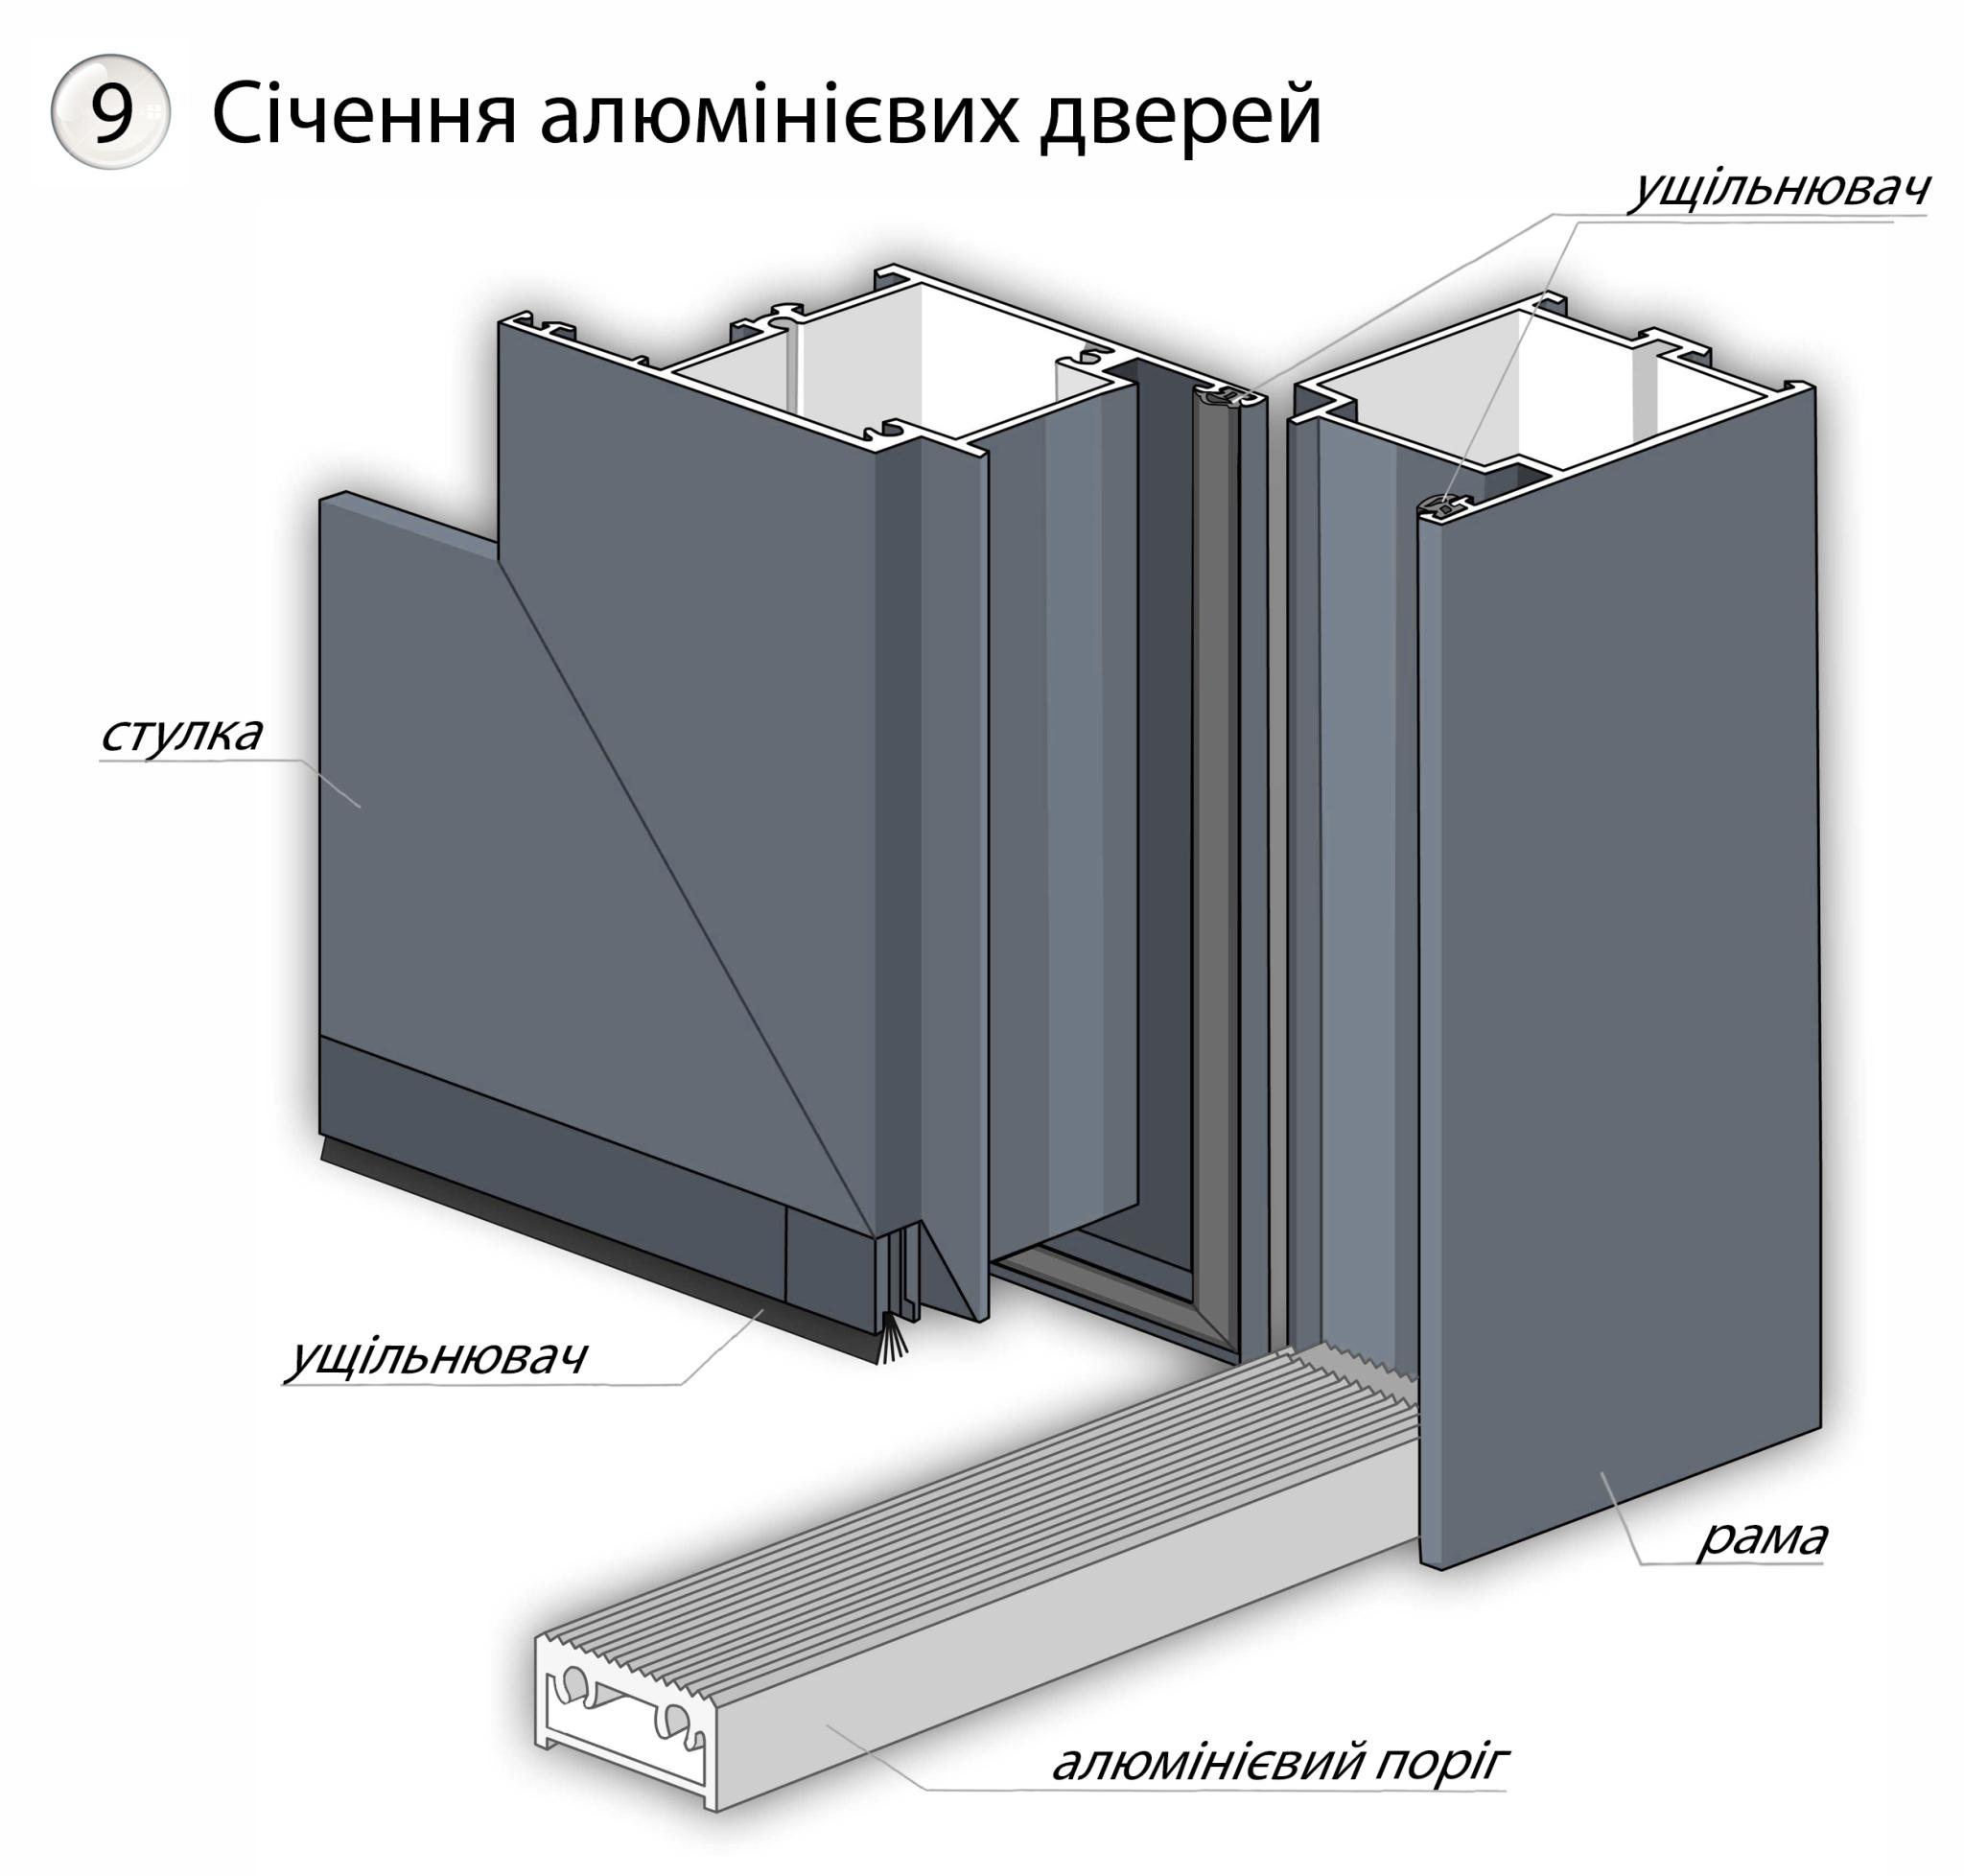 Січення алюмінієвих дверей